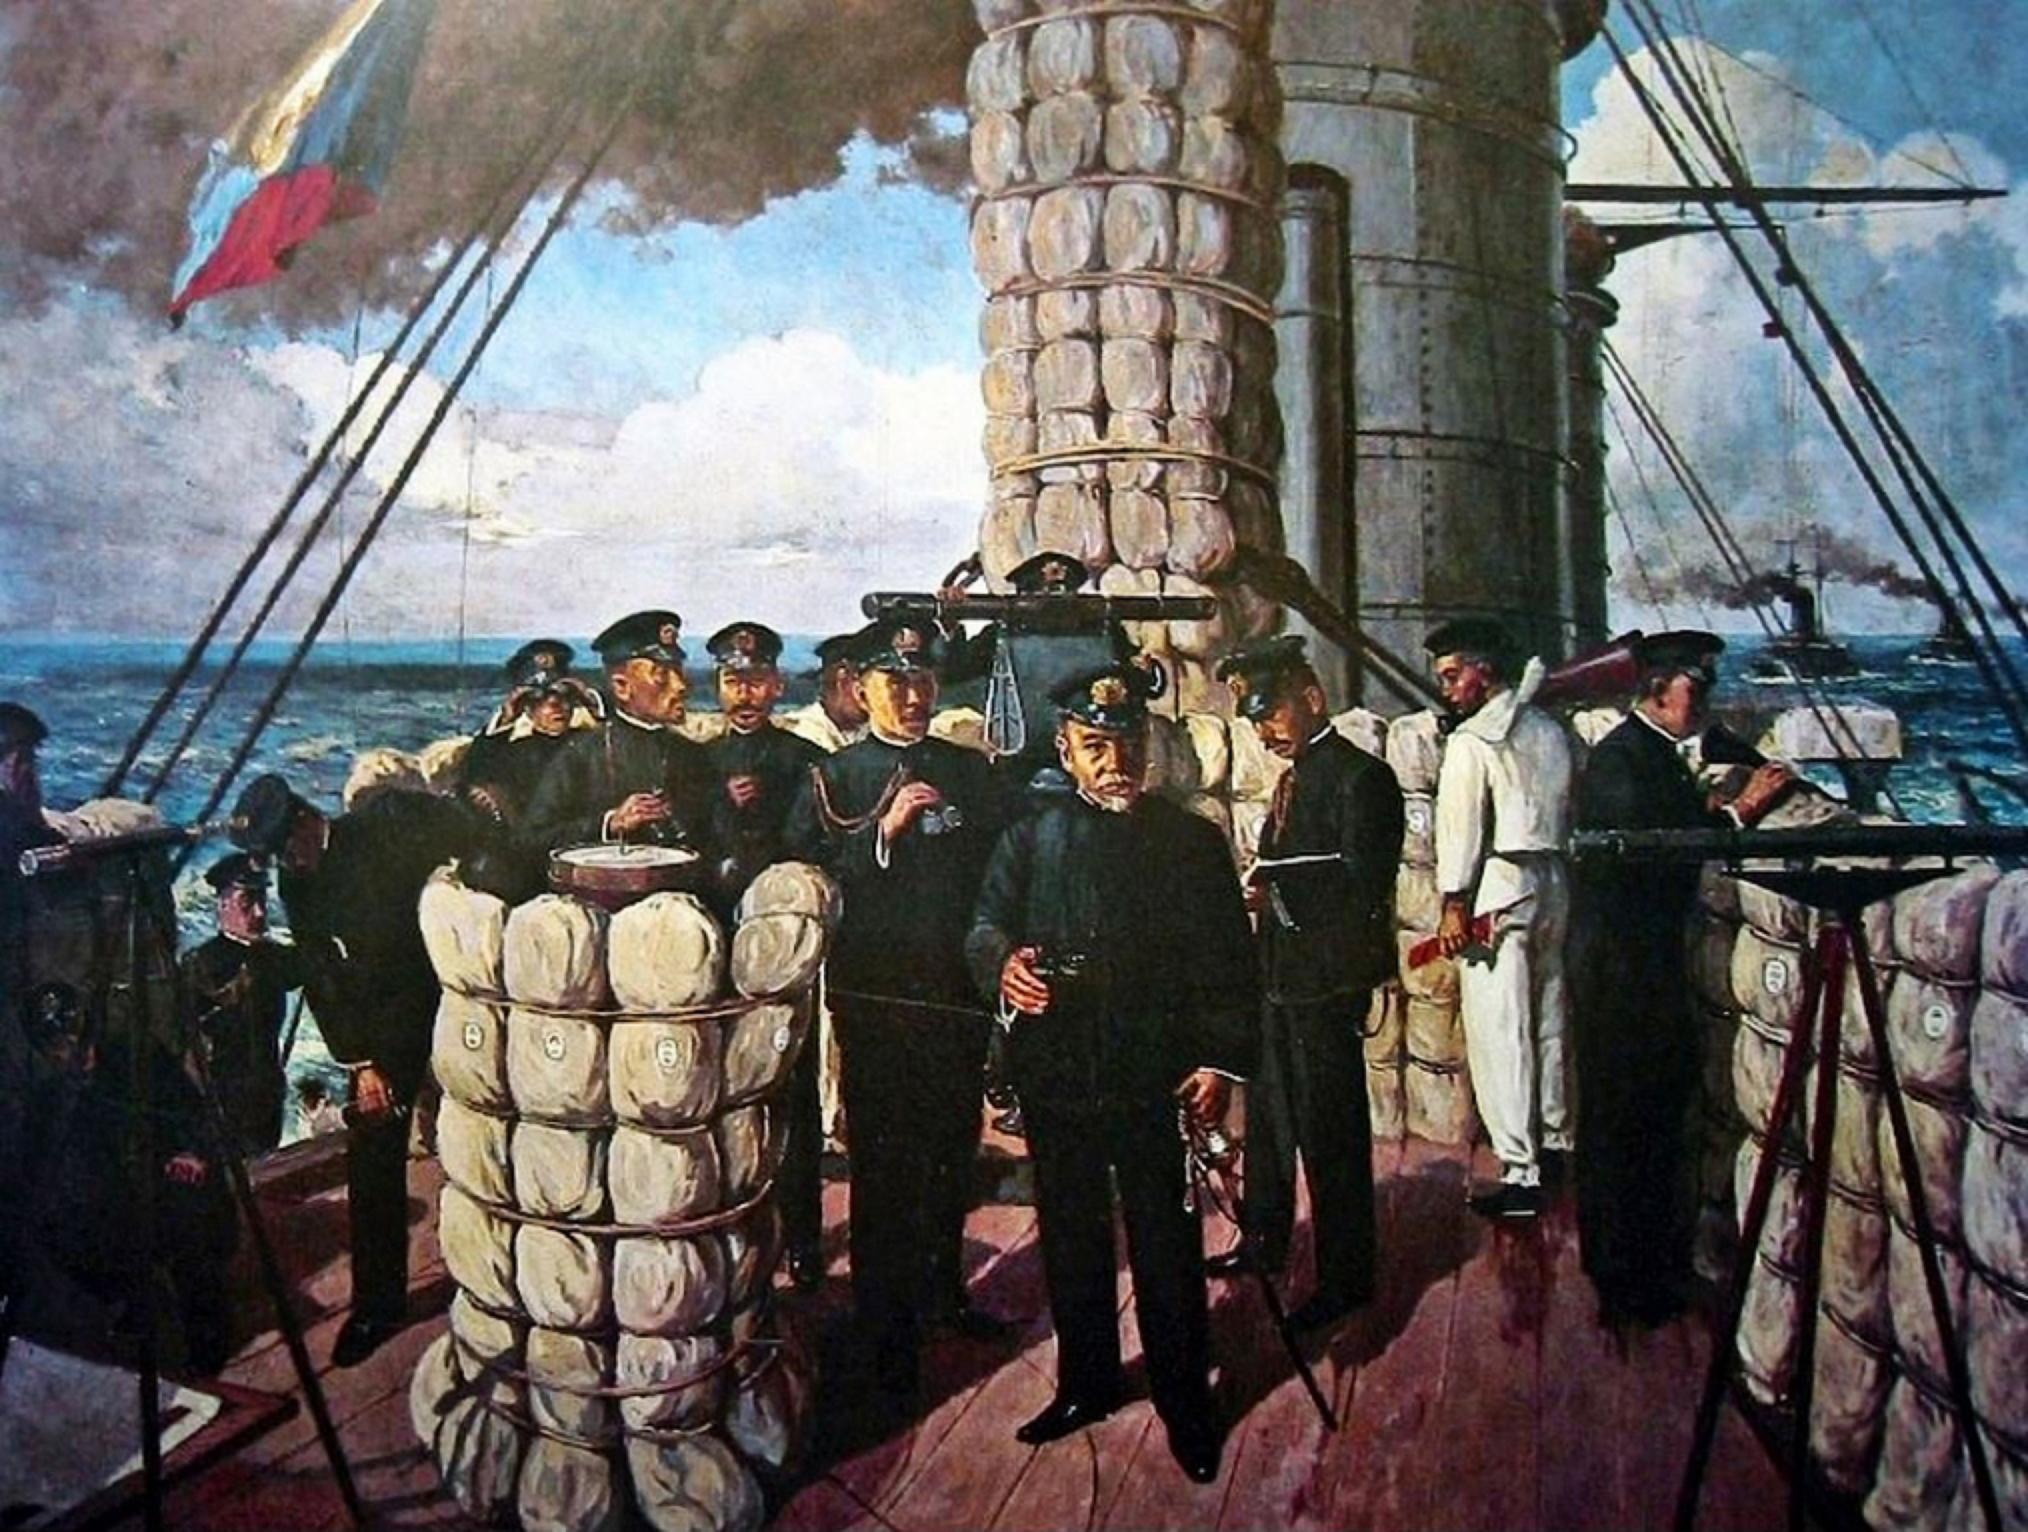 大国ロシアの艦隊が日本海で壊滅!<br />驚愕のニュースが世界中を駆け巡る<br />